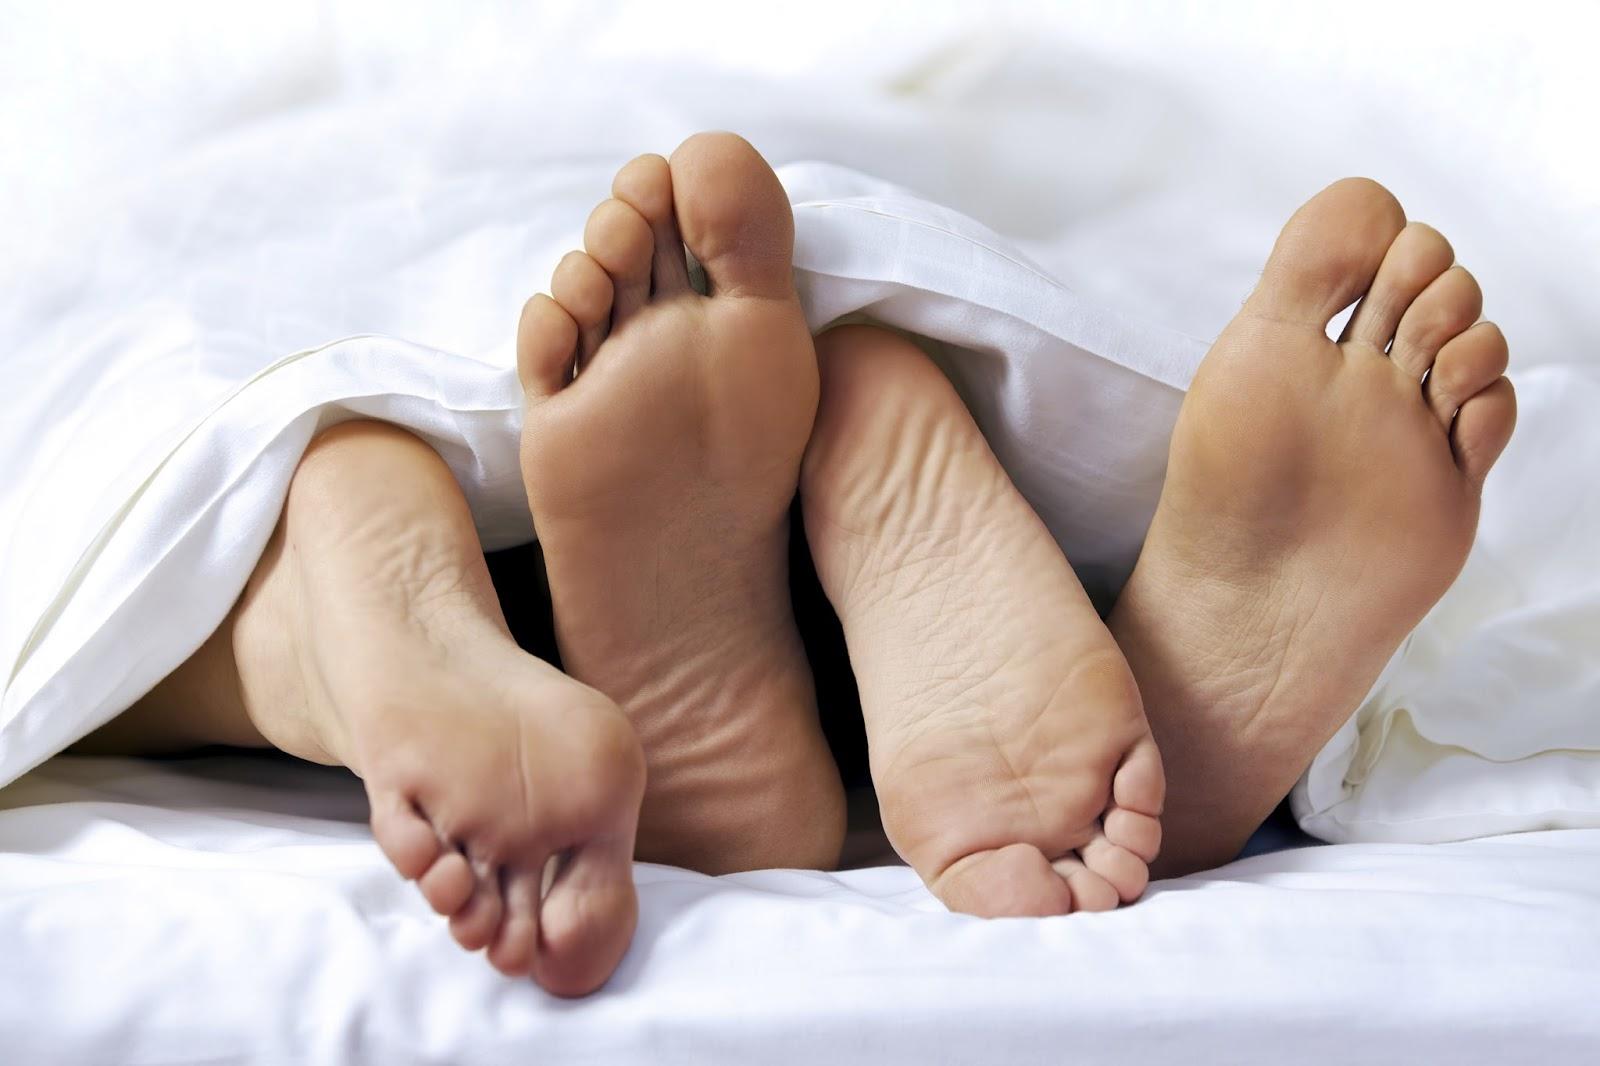 Nhiều bạn gái bị người yêu dụ dỗ lên giường để làm chuyện ấy